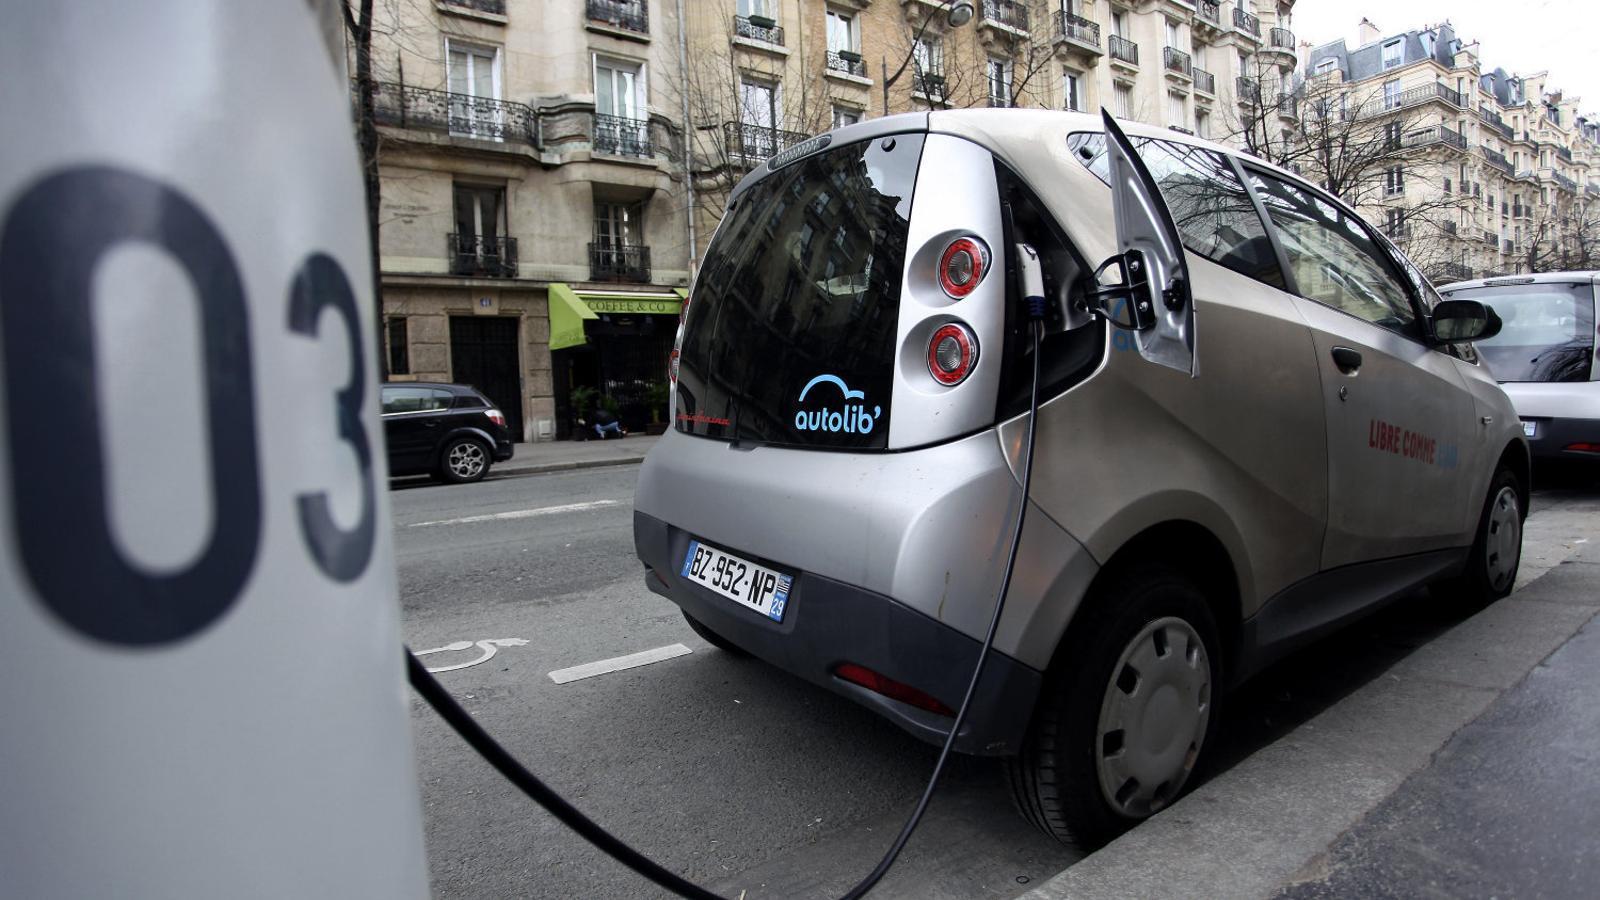 Les matriculacions de cotxes elèctrics o híbrids a Espanya són un 4,4% del total però la tendència és creixent.